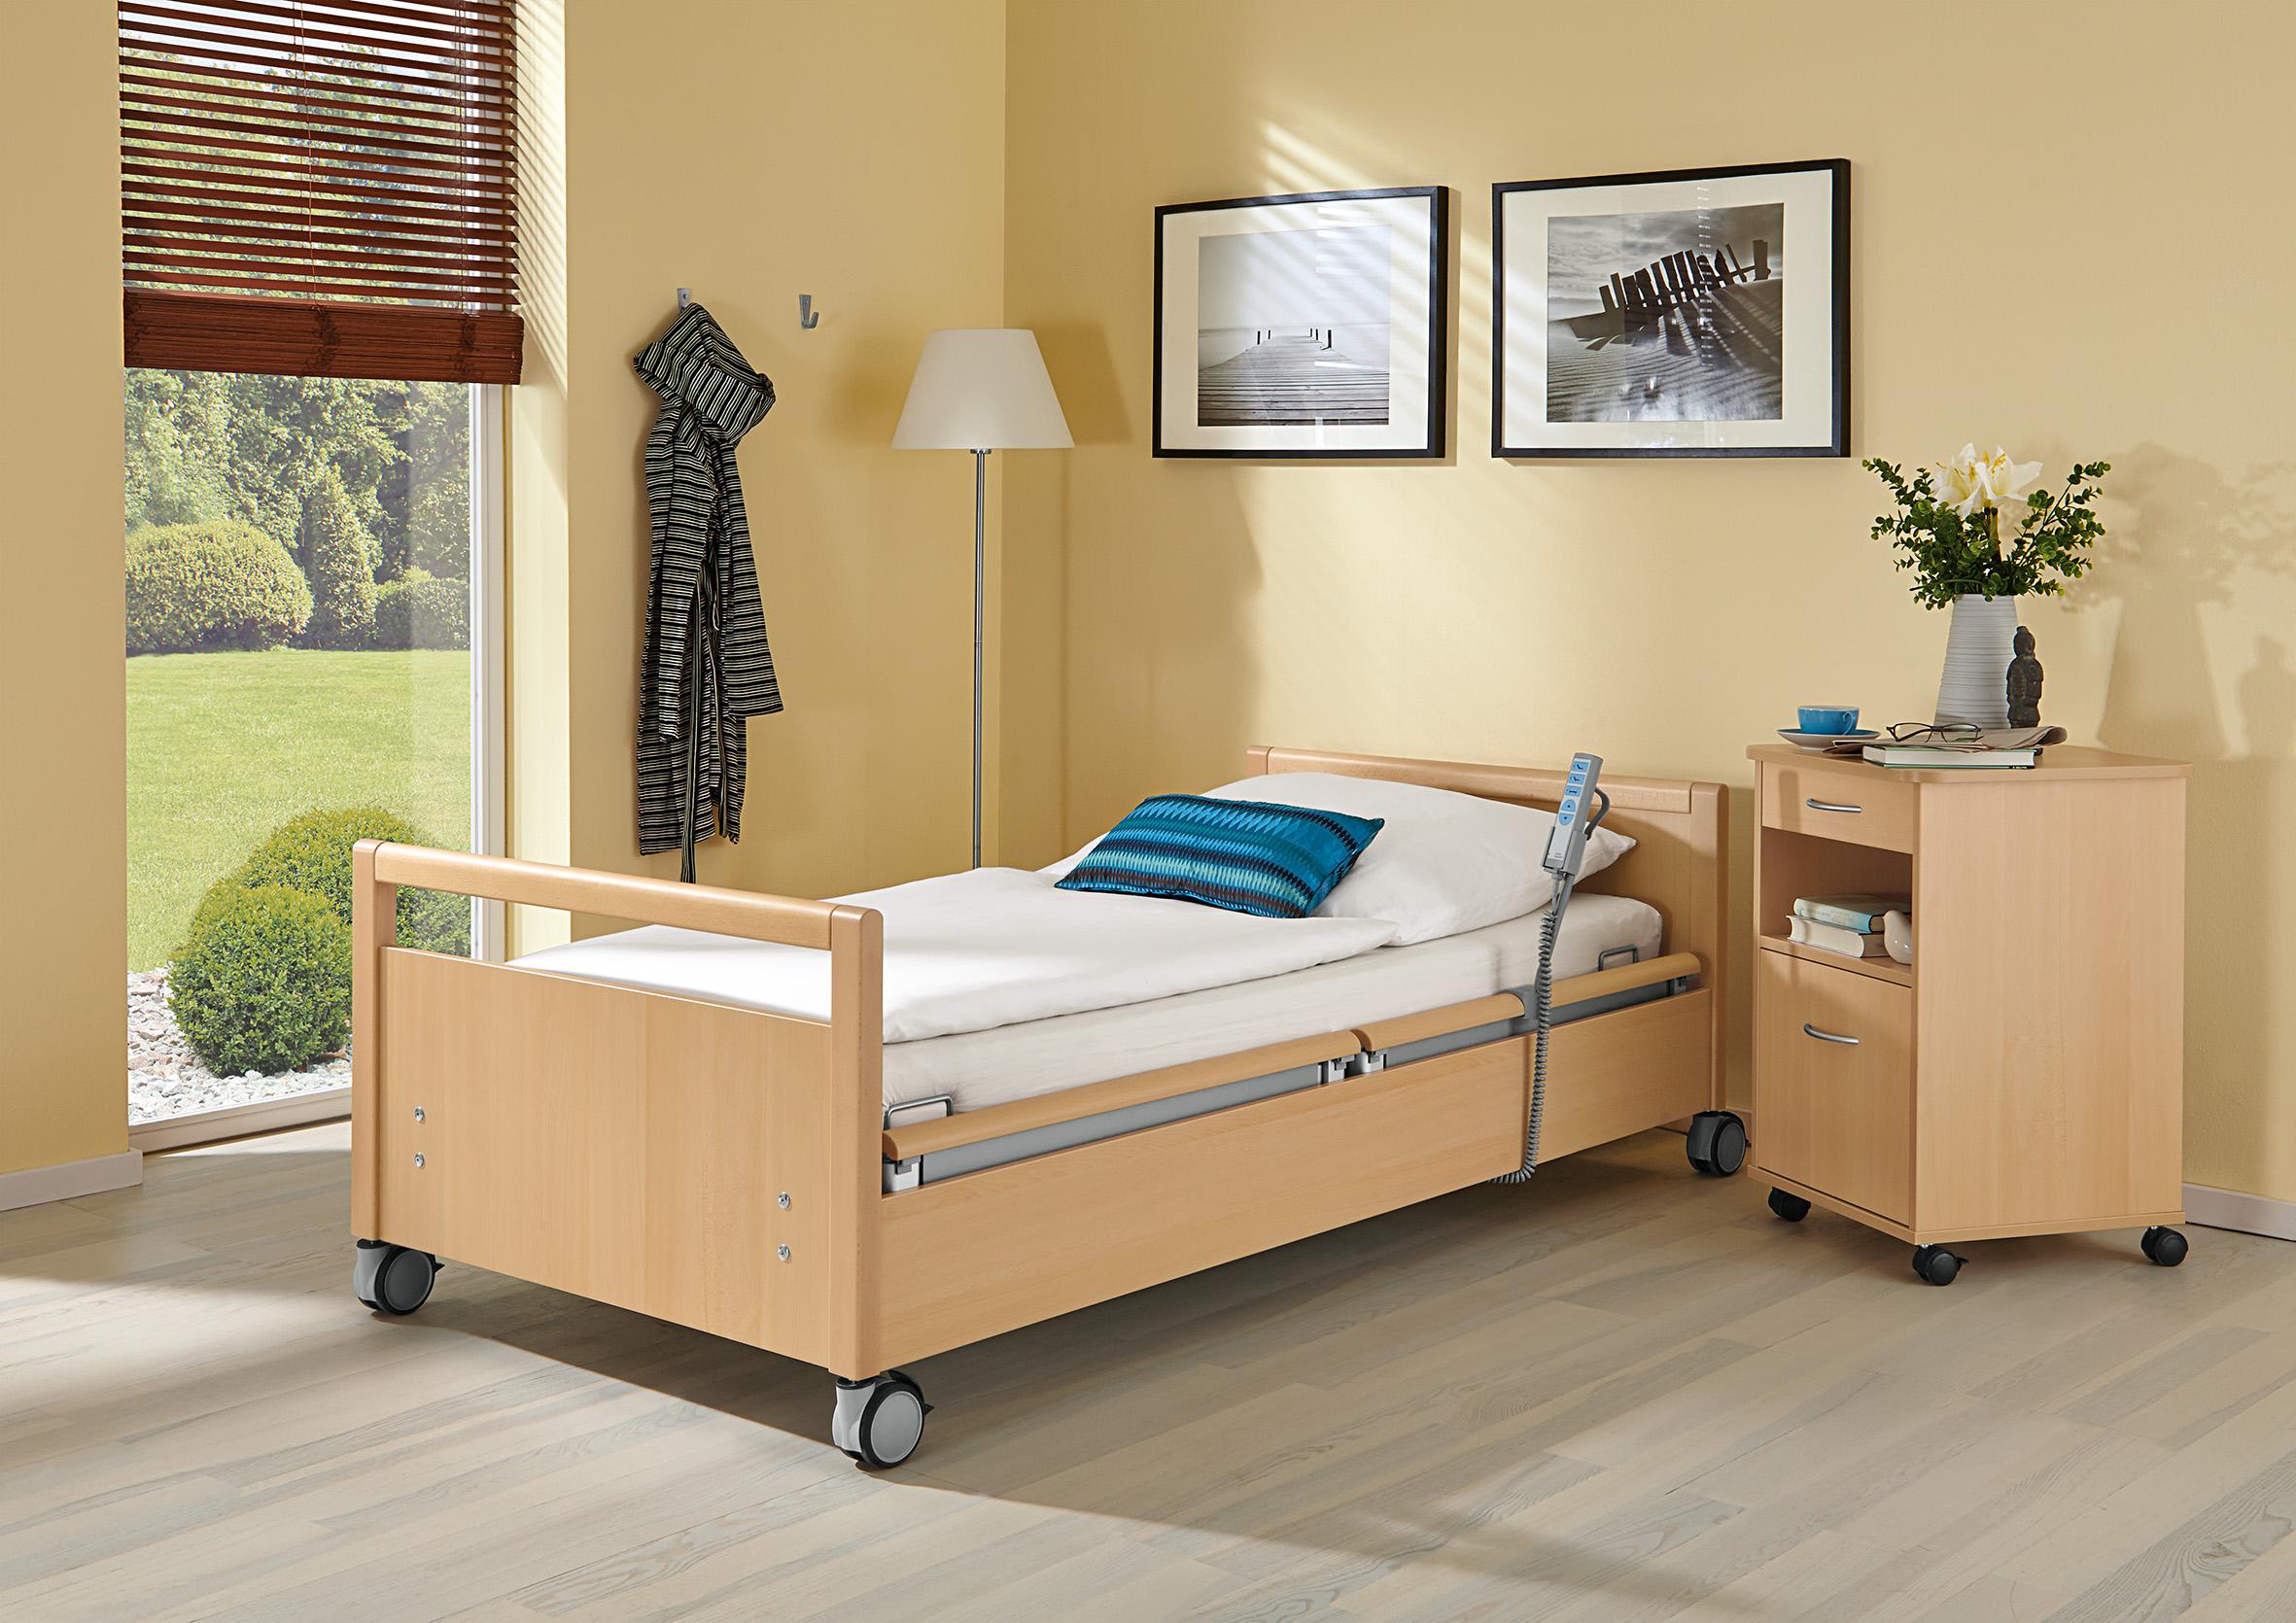 movita - Wirtschaftlich in der Pflege, komfortabel für den Patienten